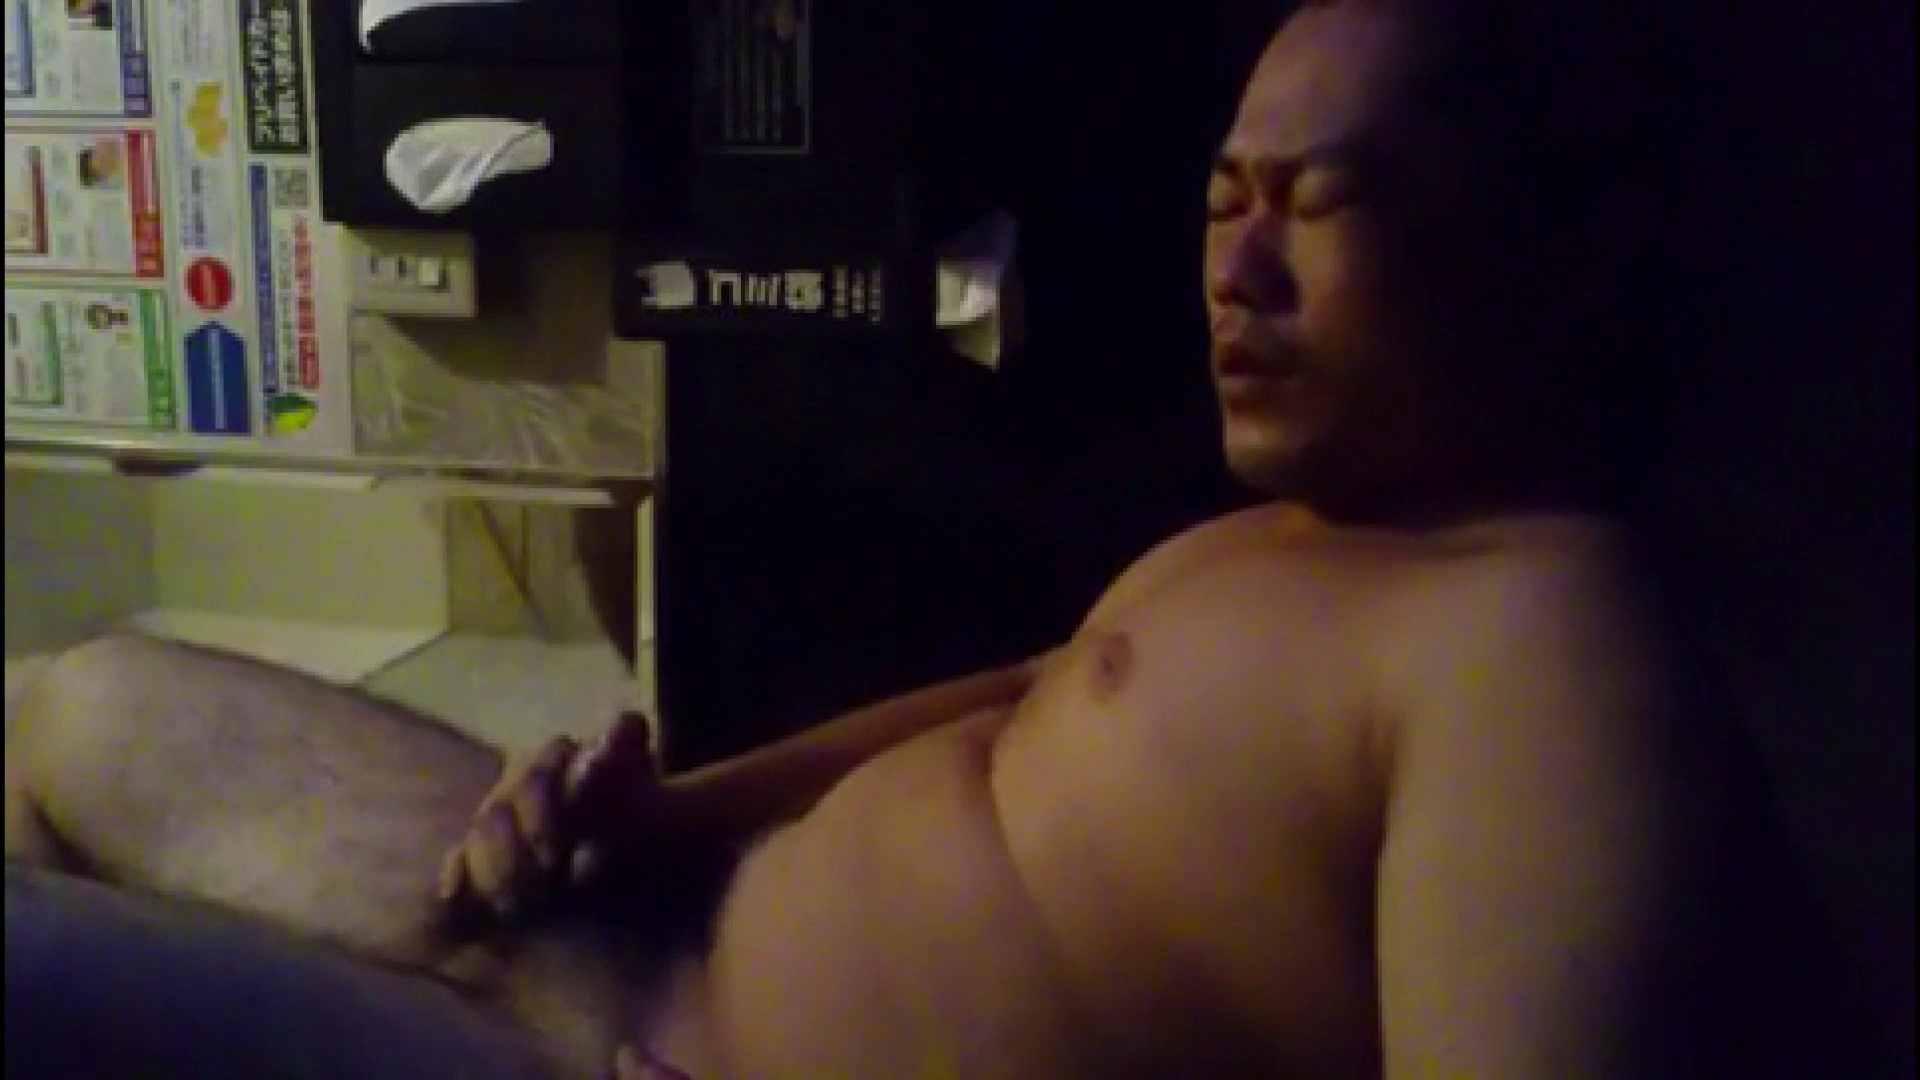 個人撮影 自慰の極意 Vol.24 オナニー | 手コキ アダルトビデオ画像キャプチャ 59pic 46